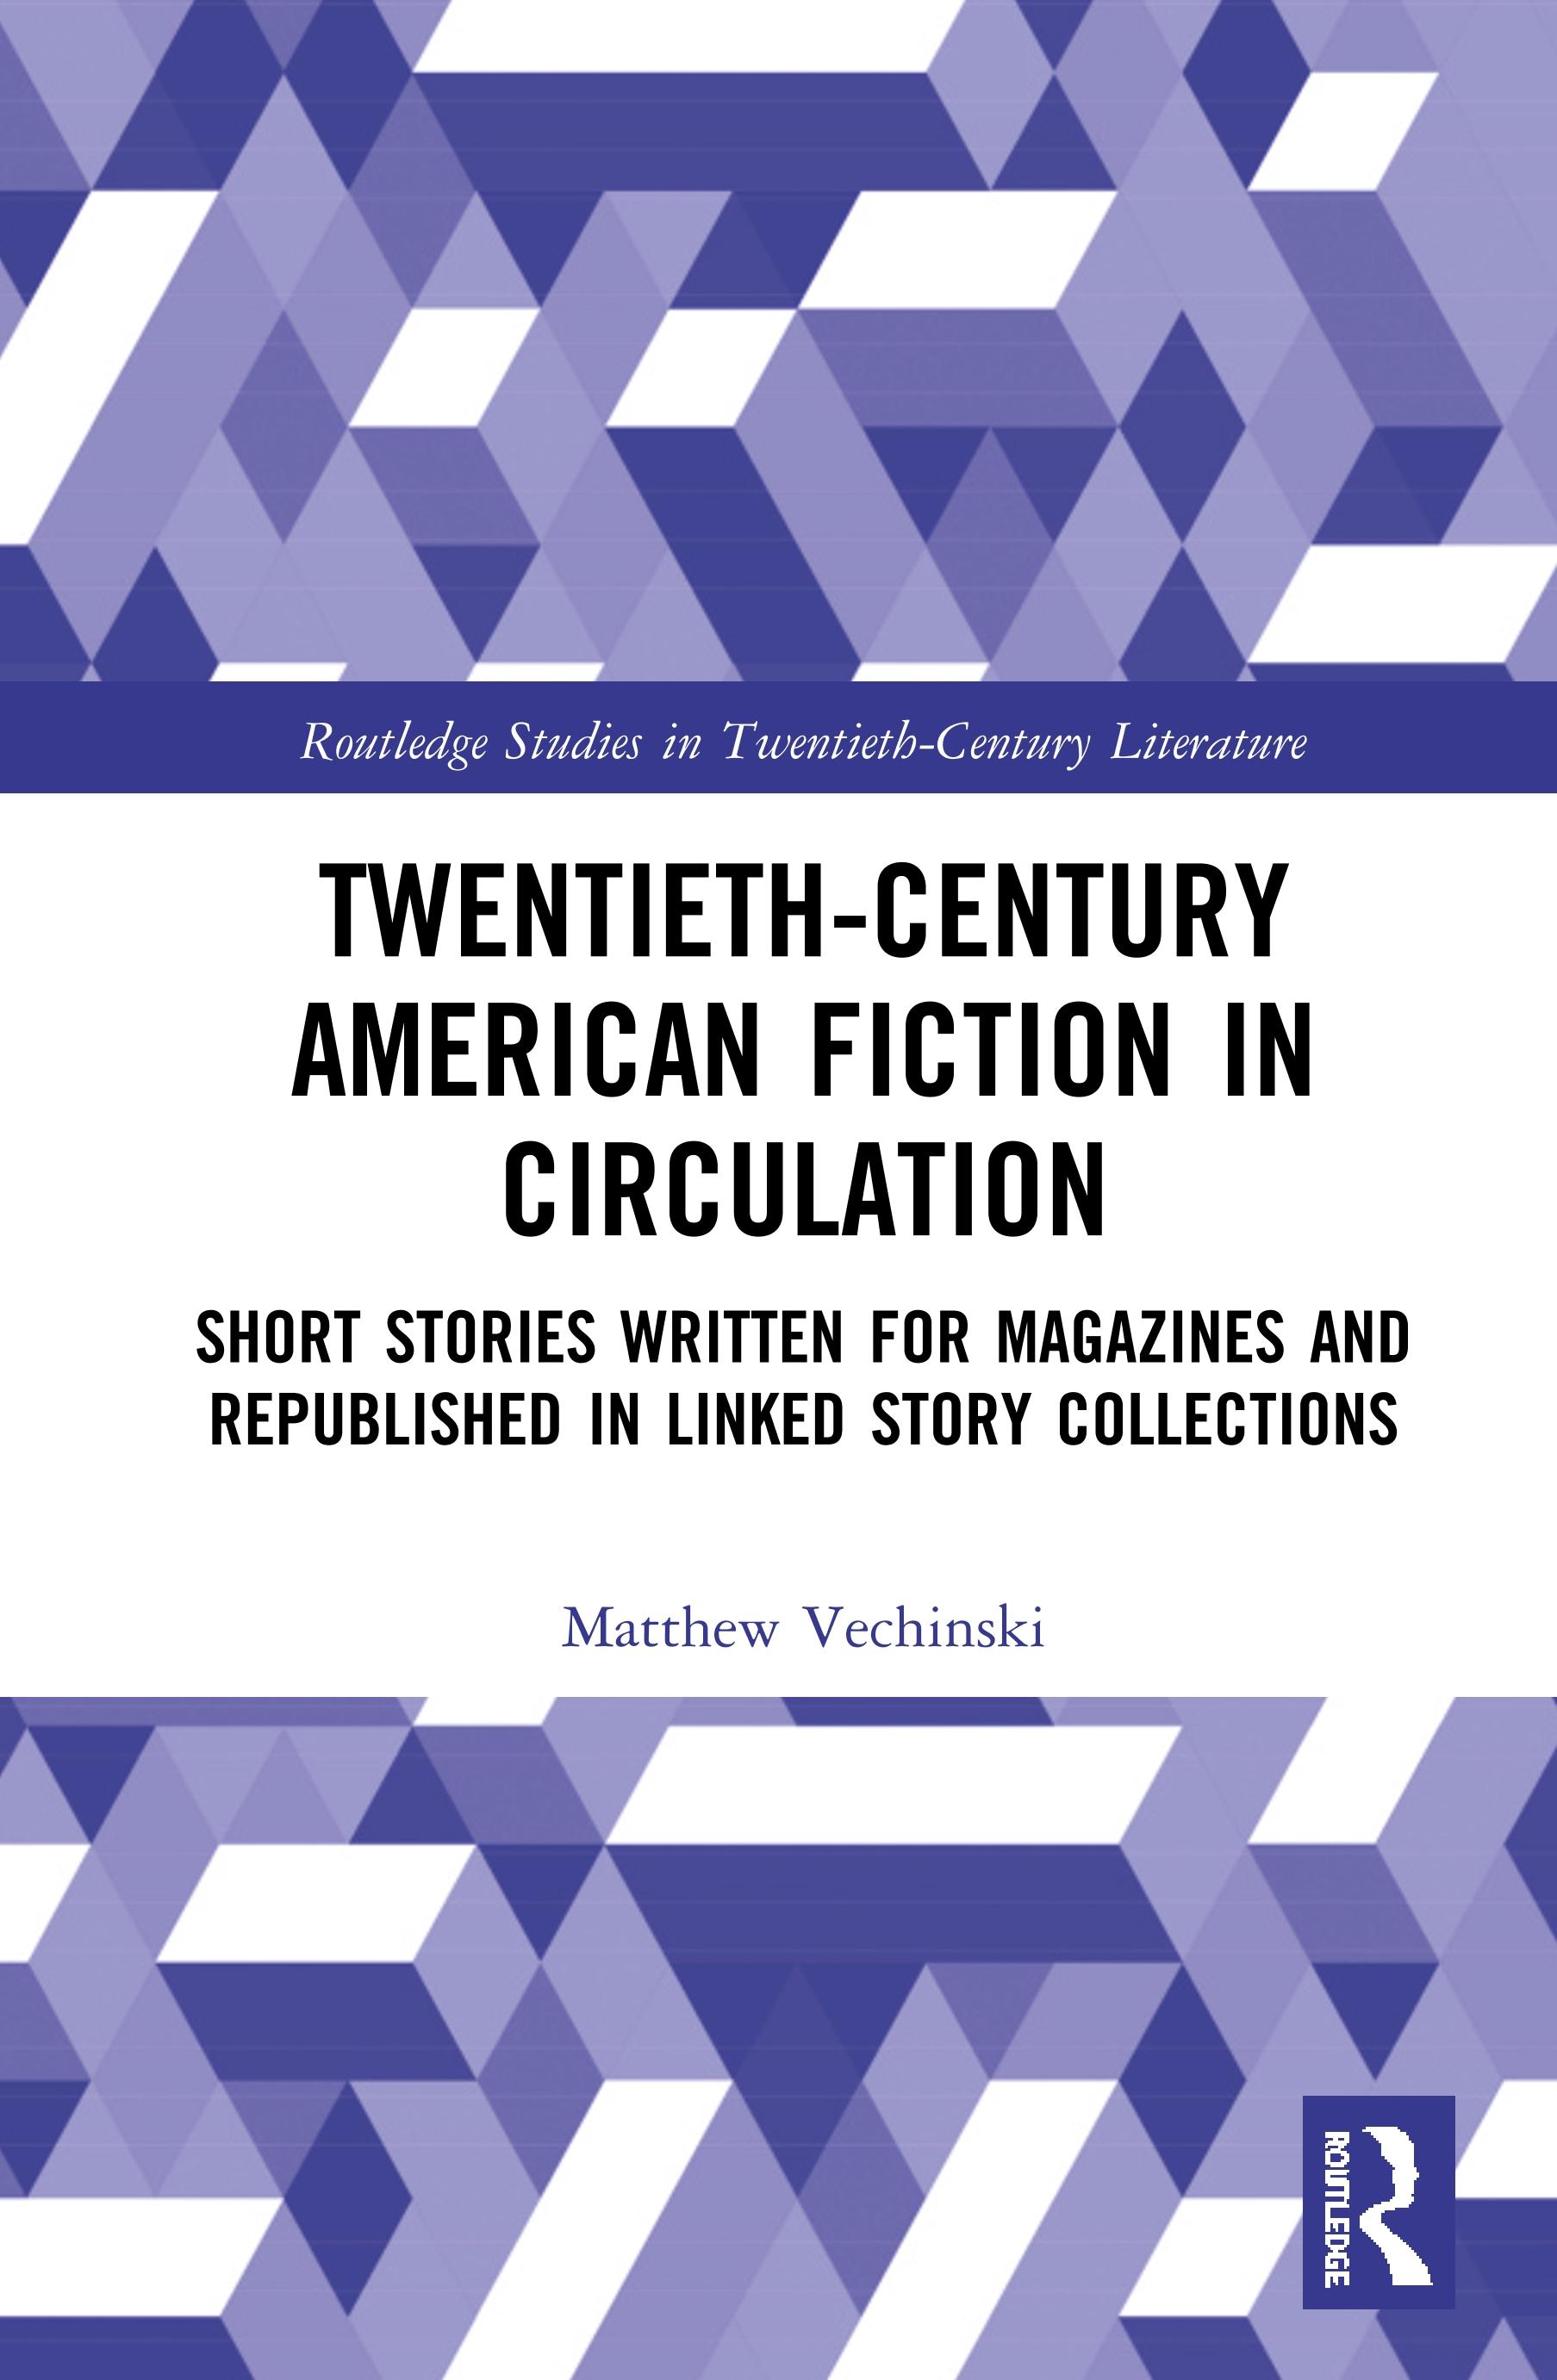 Twentieth-Century American Fiction in Circulation